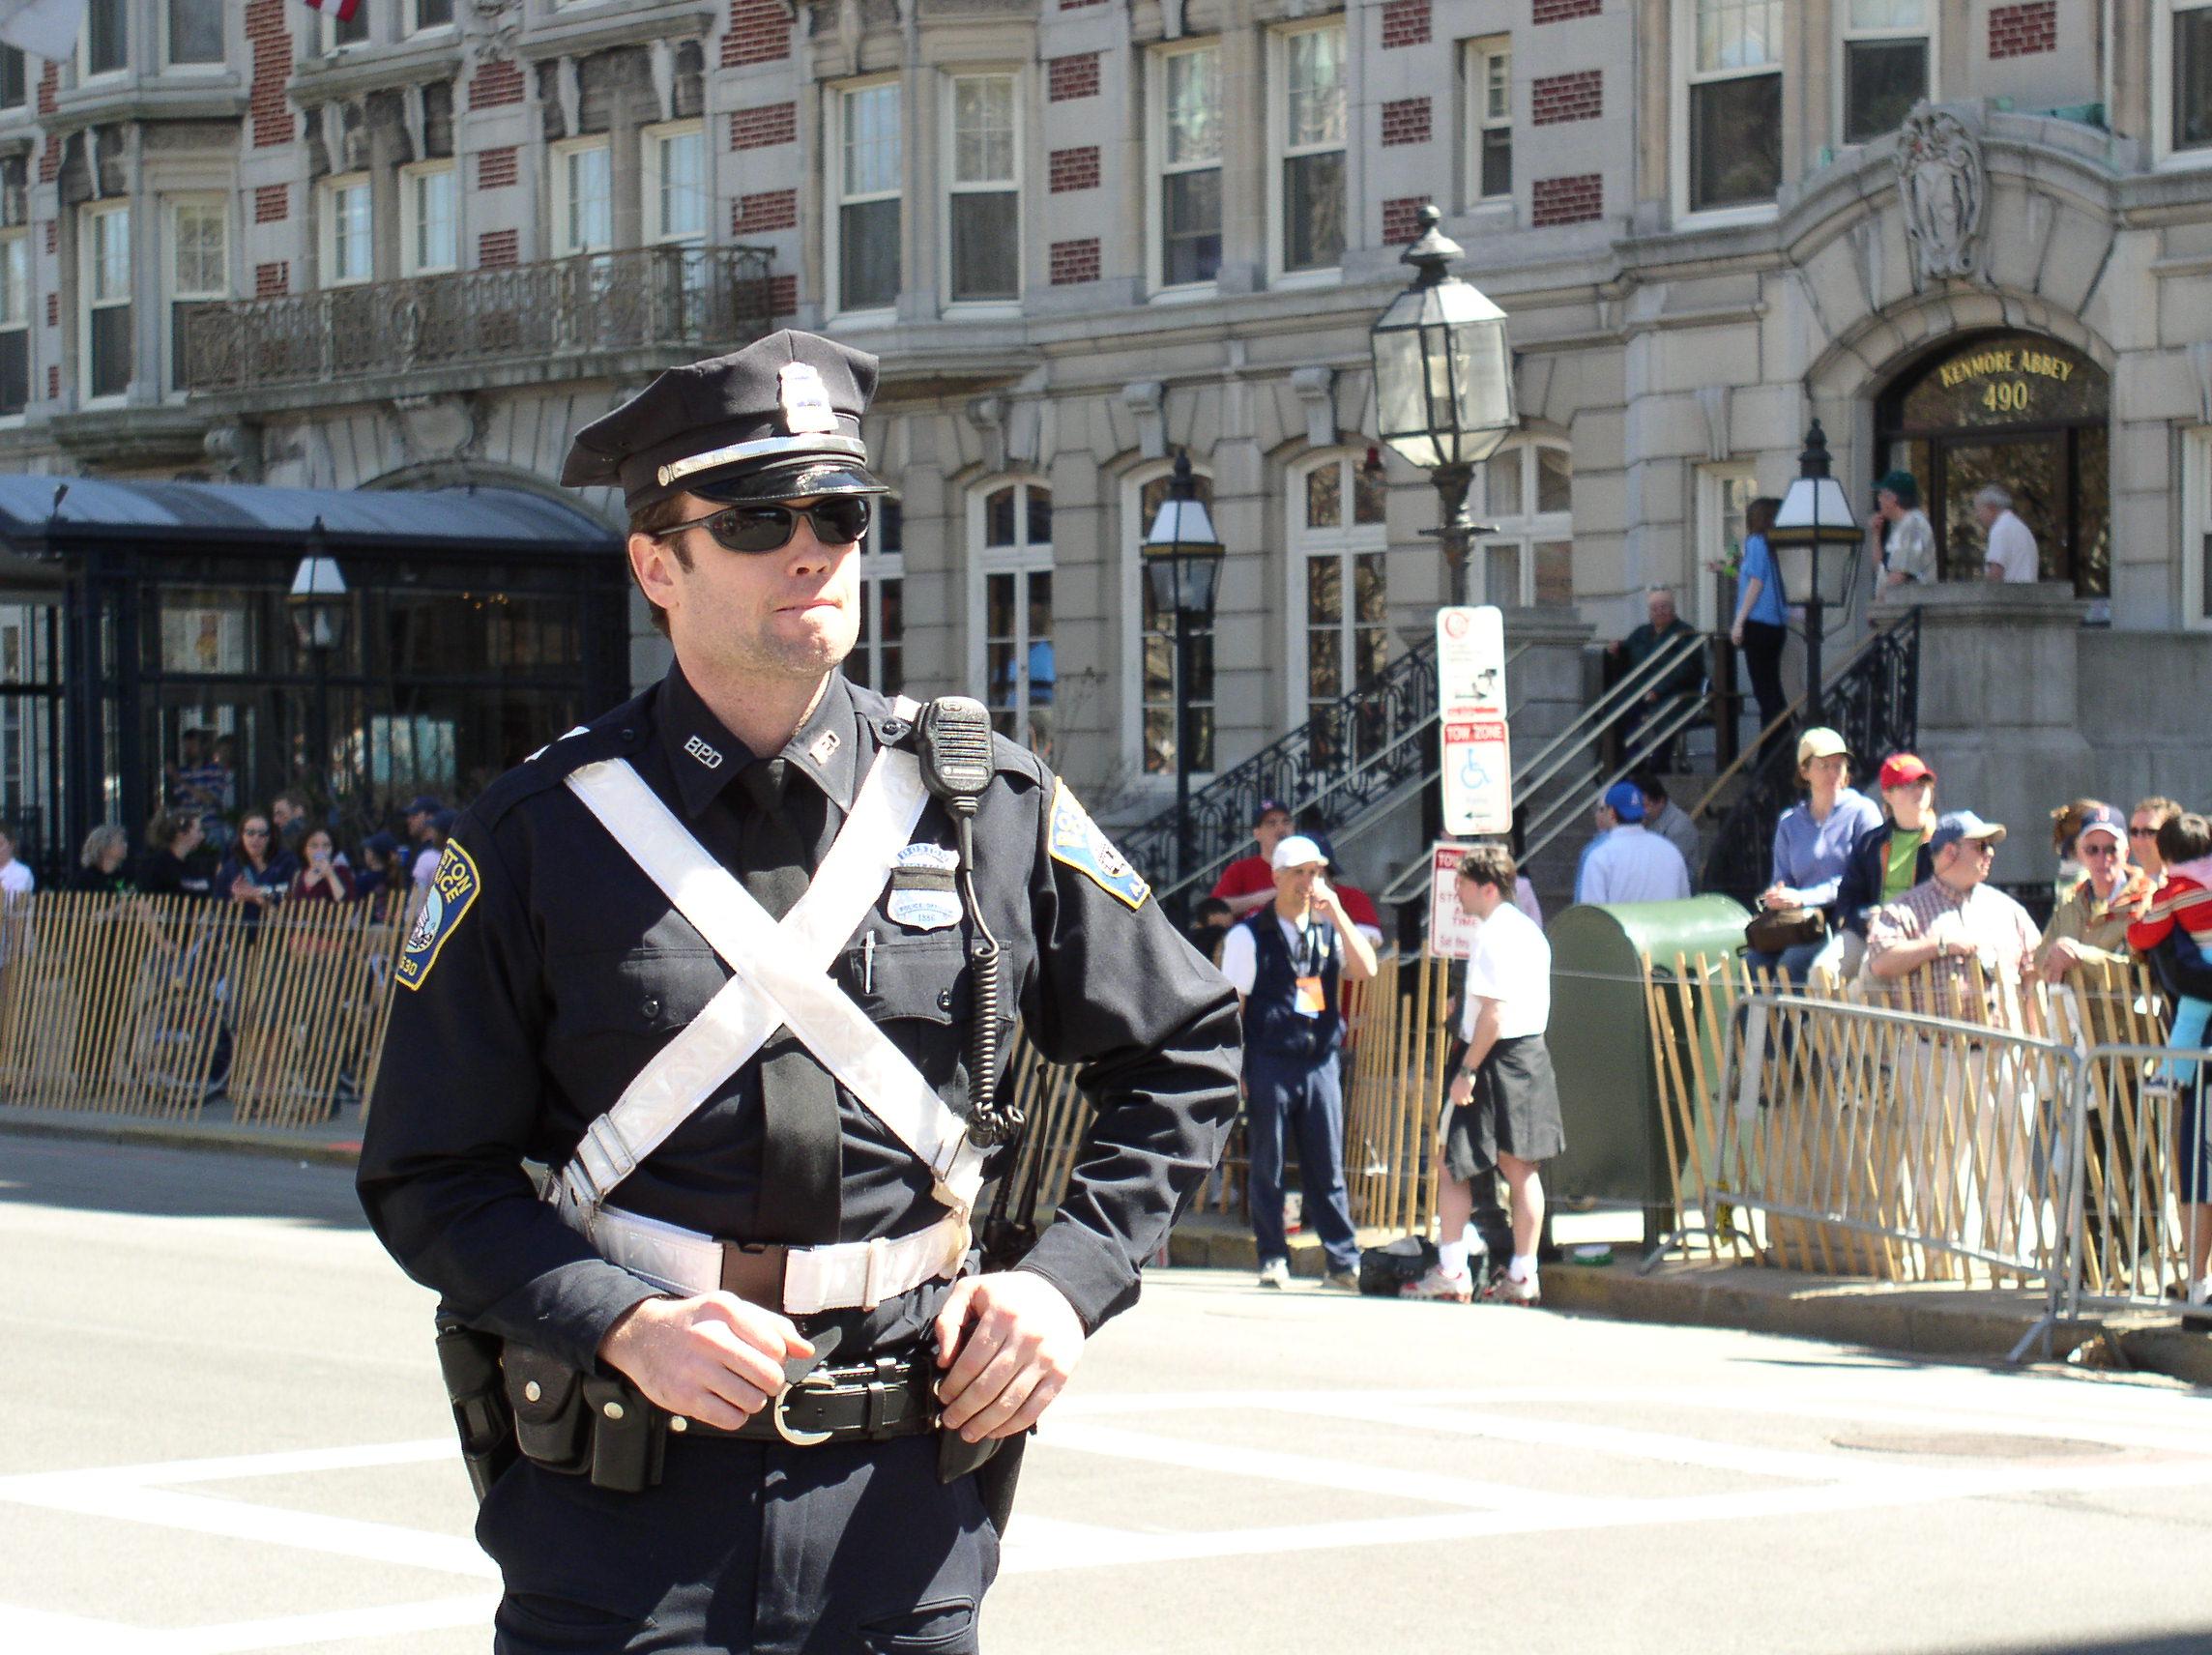 Веселье втроем стоило карьеры полицейскому